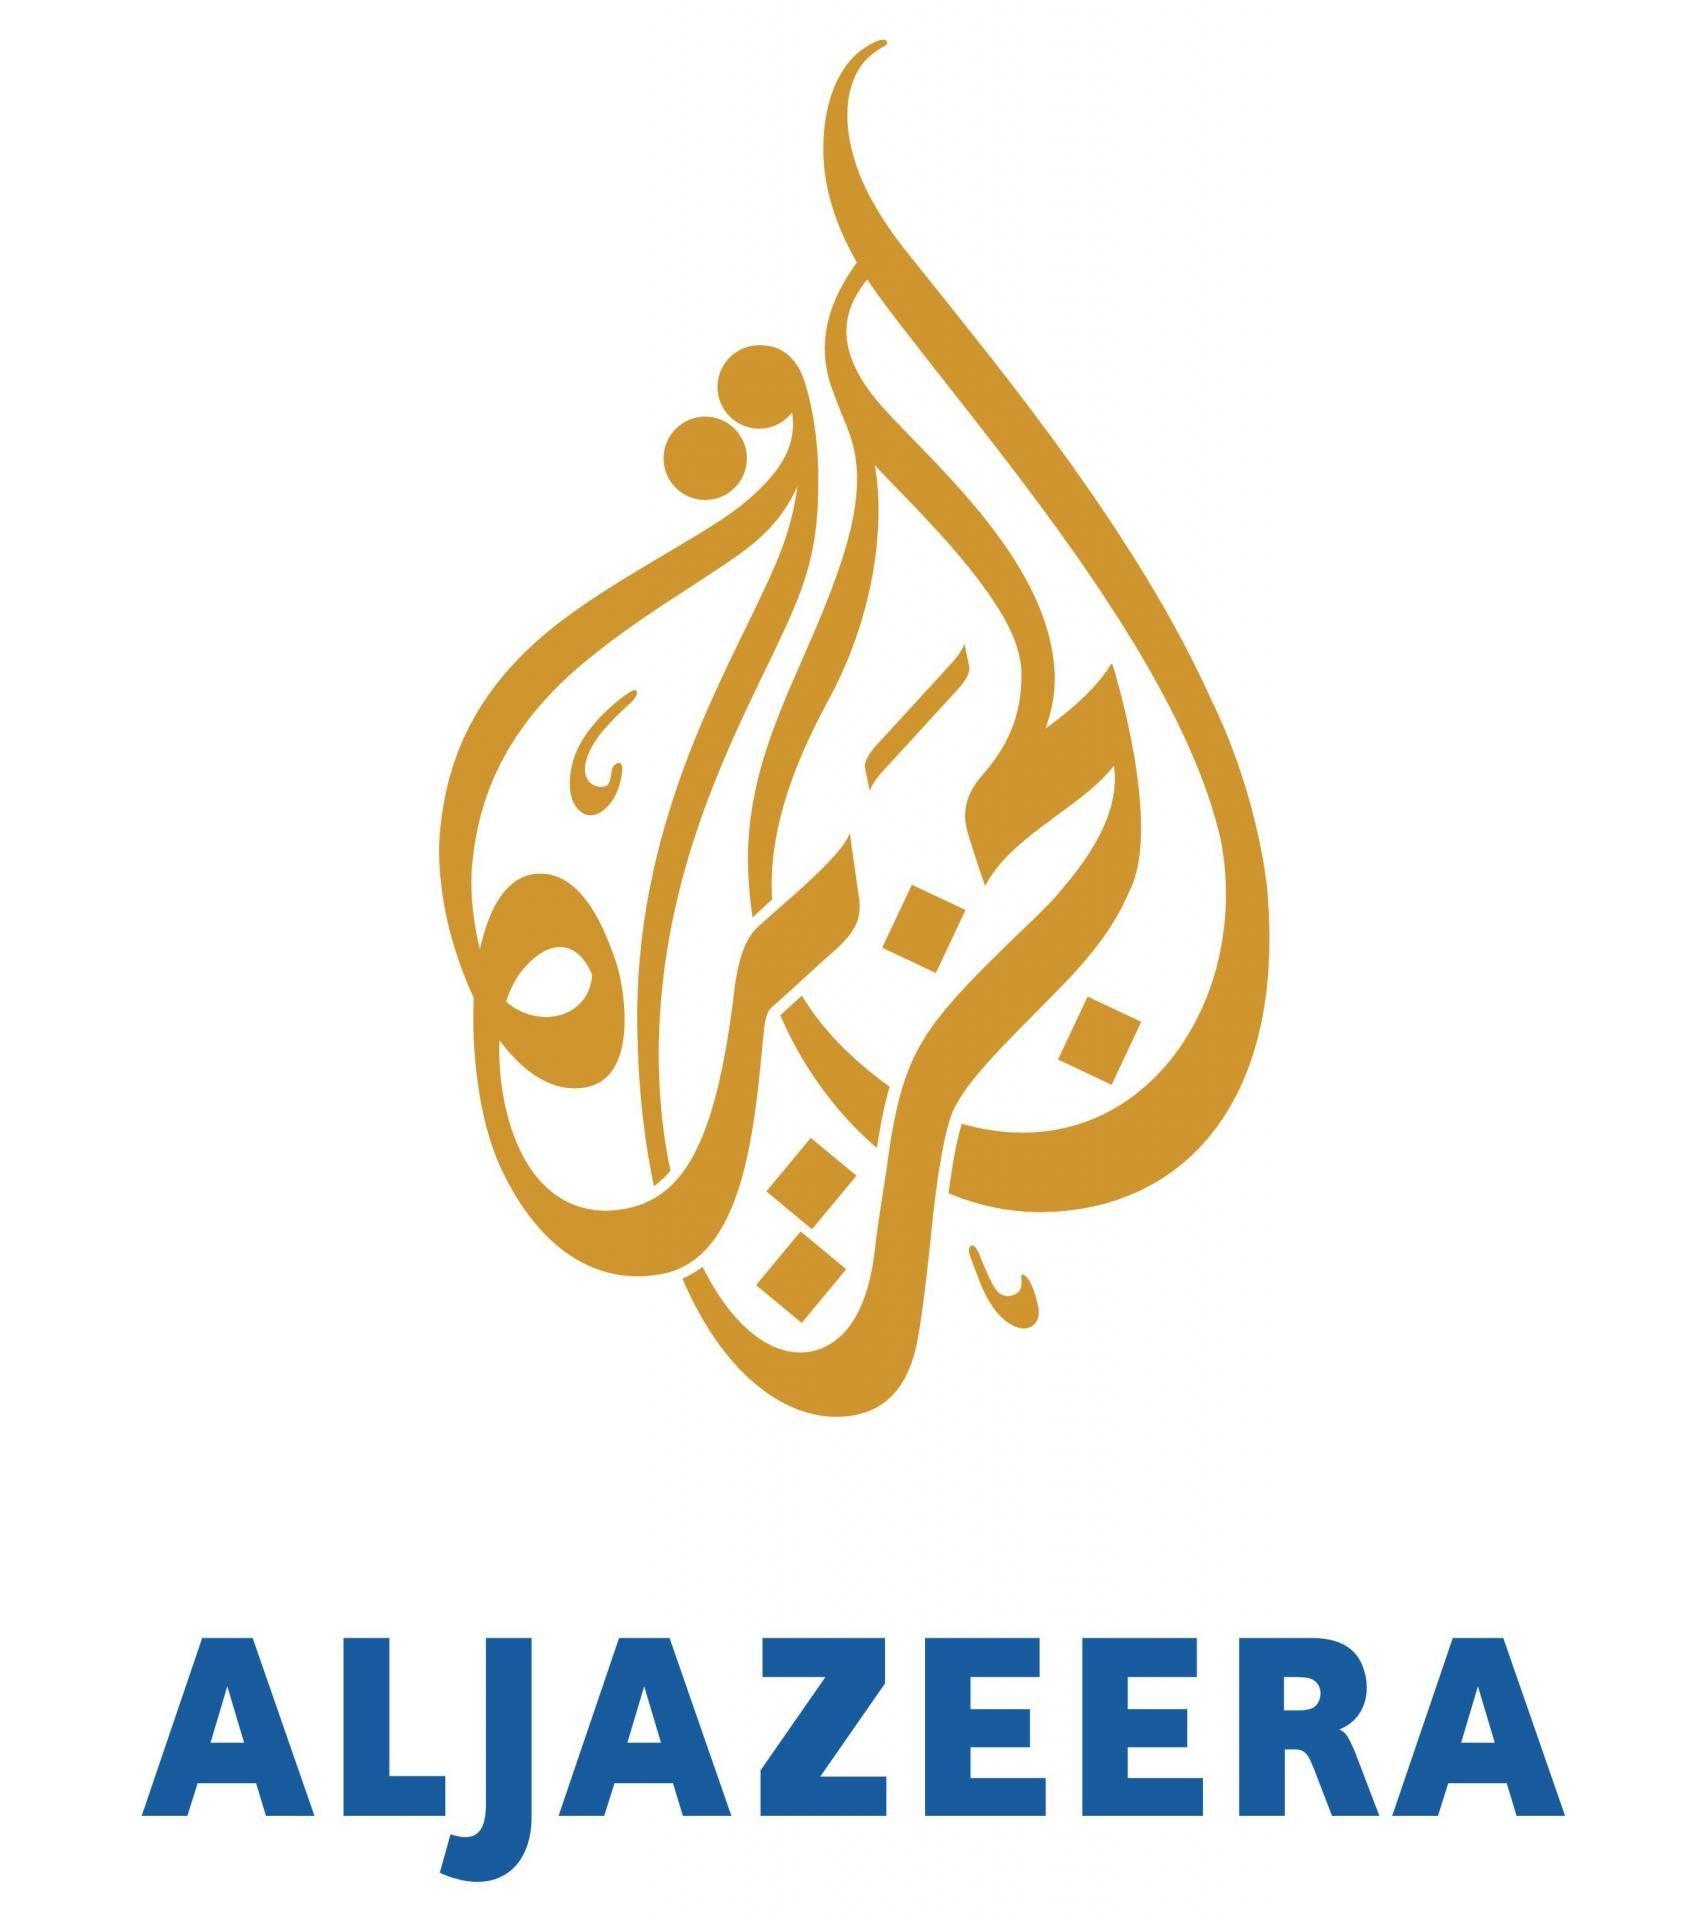 قنوات اخبارية عربية قنوات عربية مباشر افضل قنوات إخبارية في العالم قنوات عربية مباشرة على اليوتيوب العربية مباشر قنوات على المباشر البث Al Jazeera Vecteur